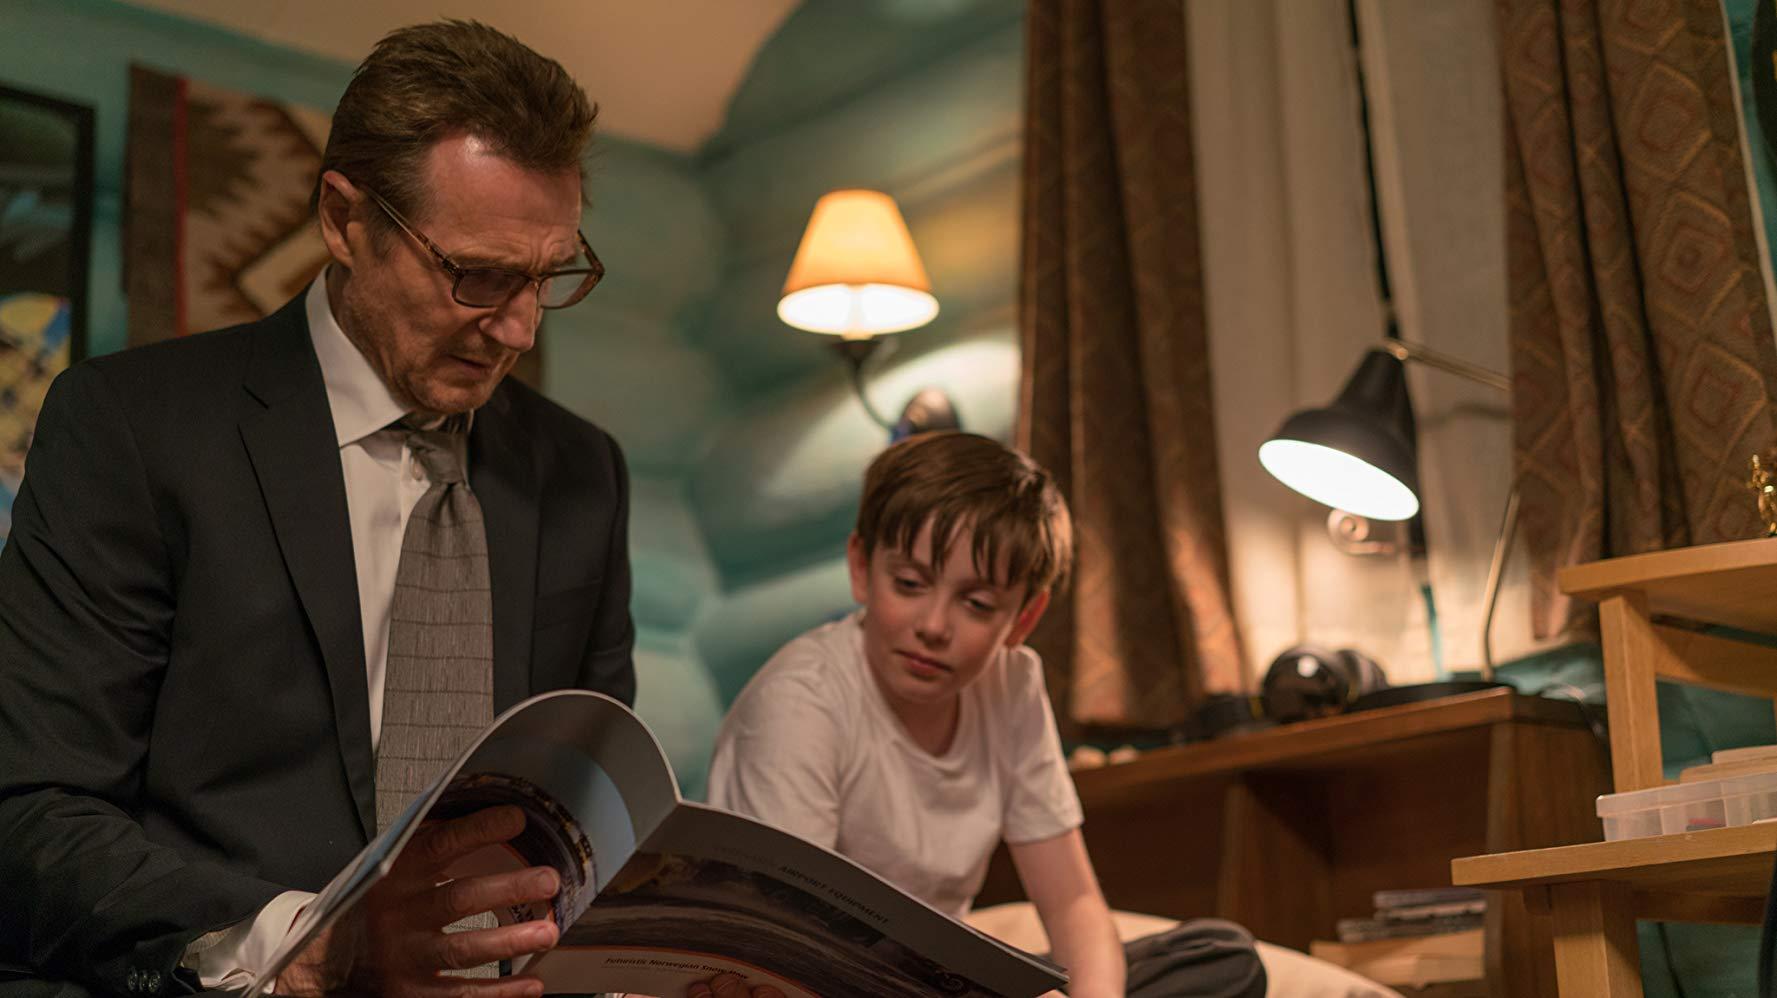 Un uomo tranquillo: Liam Neeson durante una scena